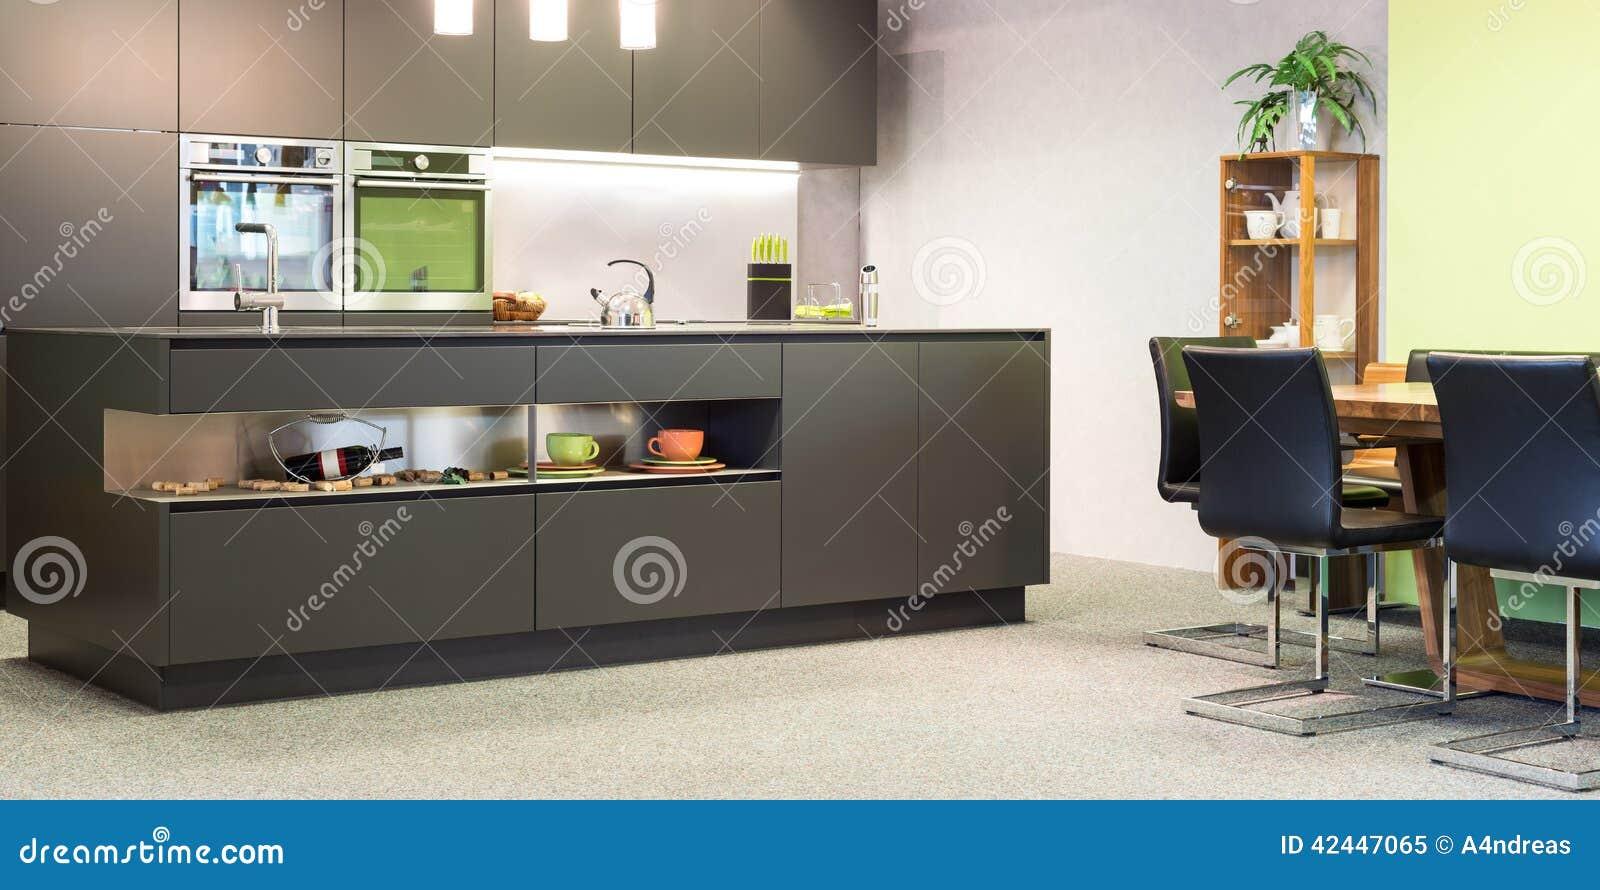 Cucina Grigio Scuro Moderna Con Illuminazione Immagine Stock ...